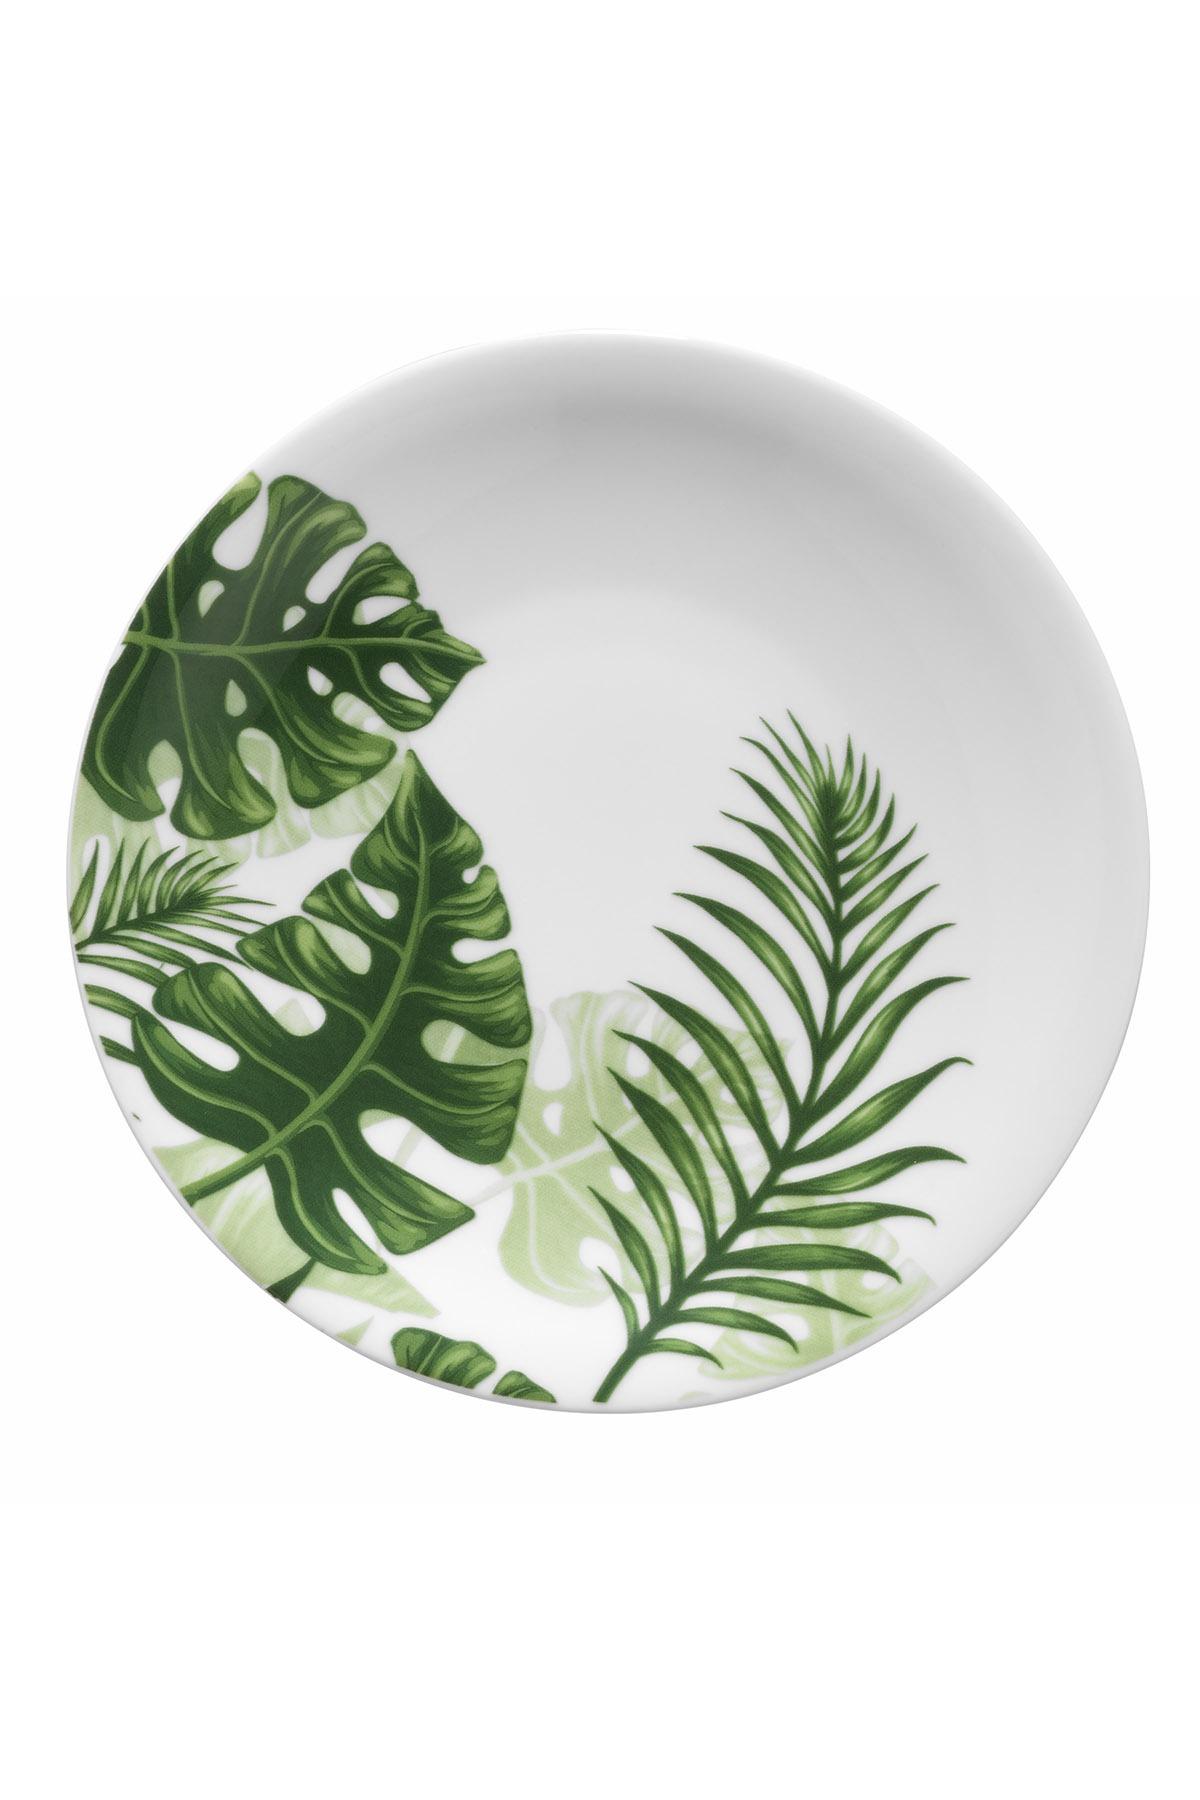 Kütahya Porselen - Kütahya Porselen Doğadakiler 21 cm Pasta Tabağı 10289